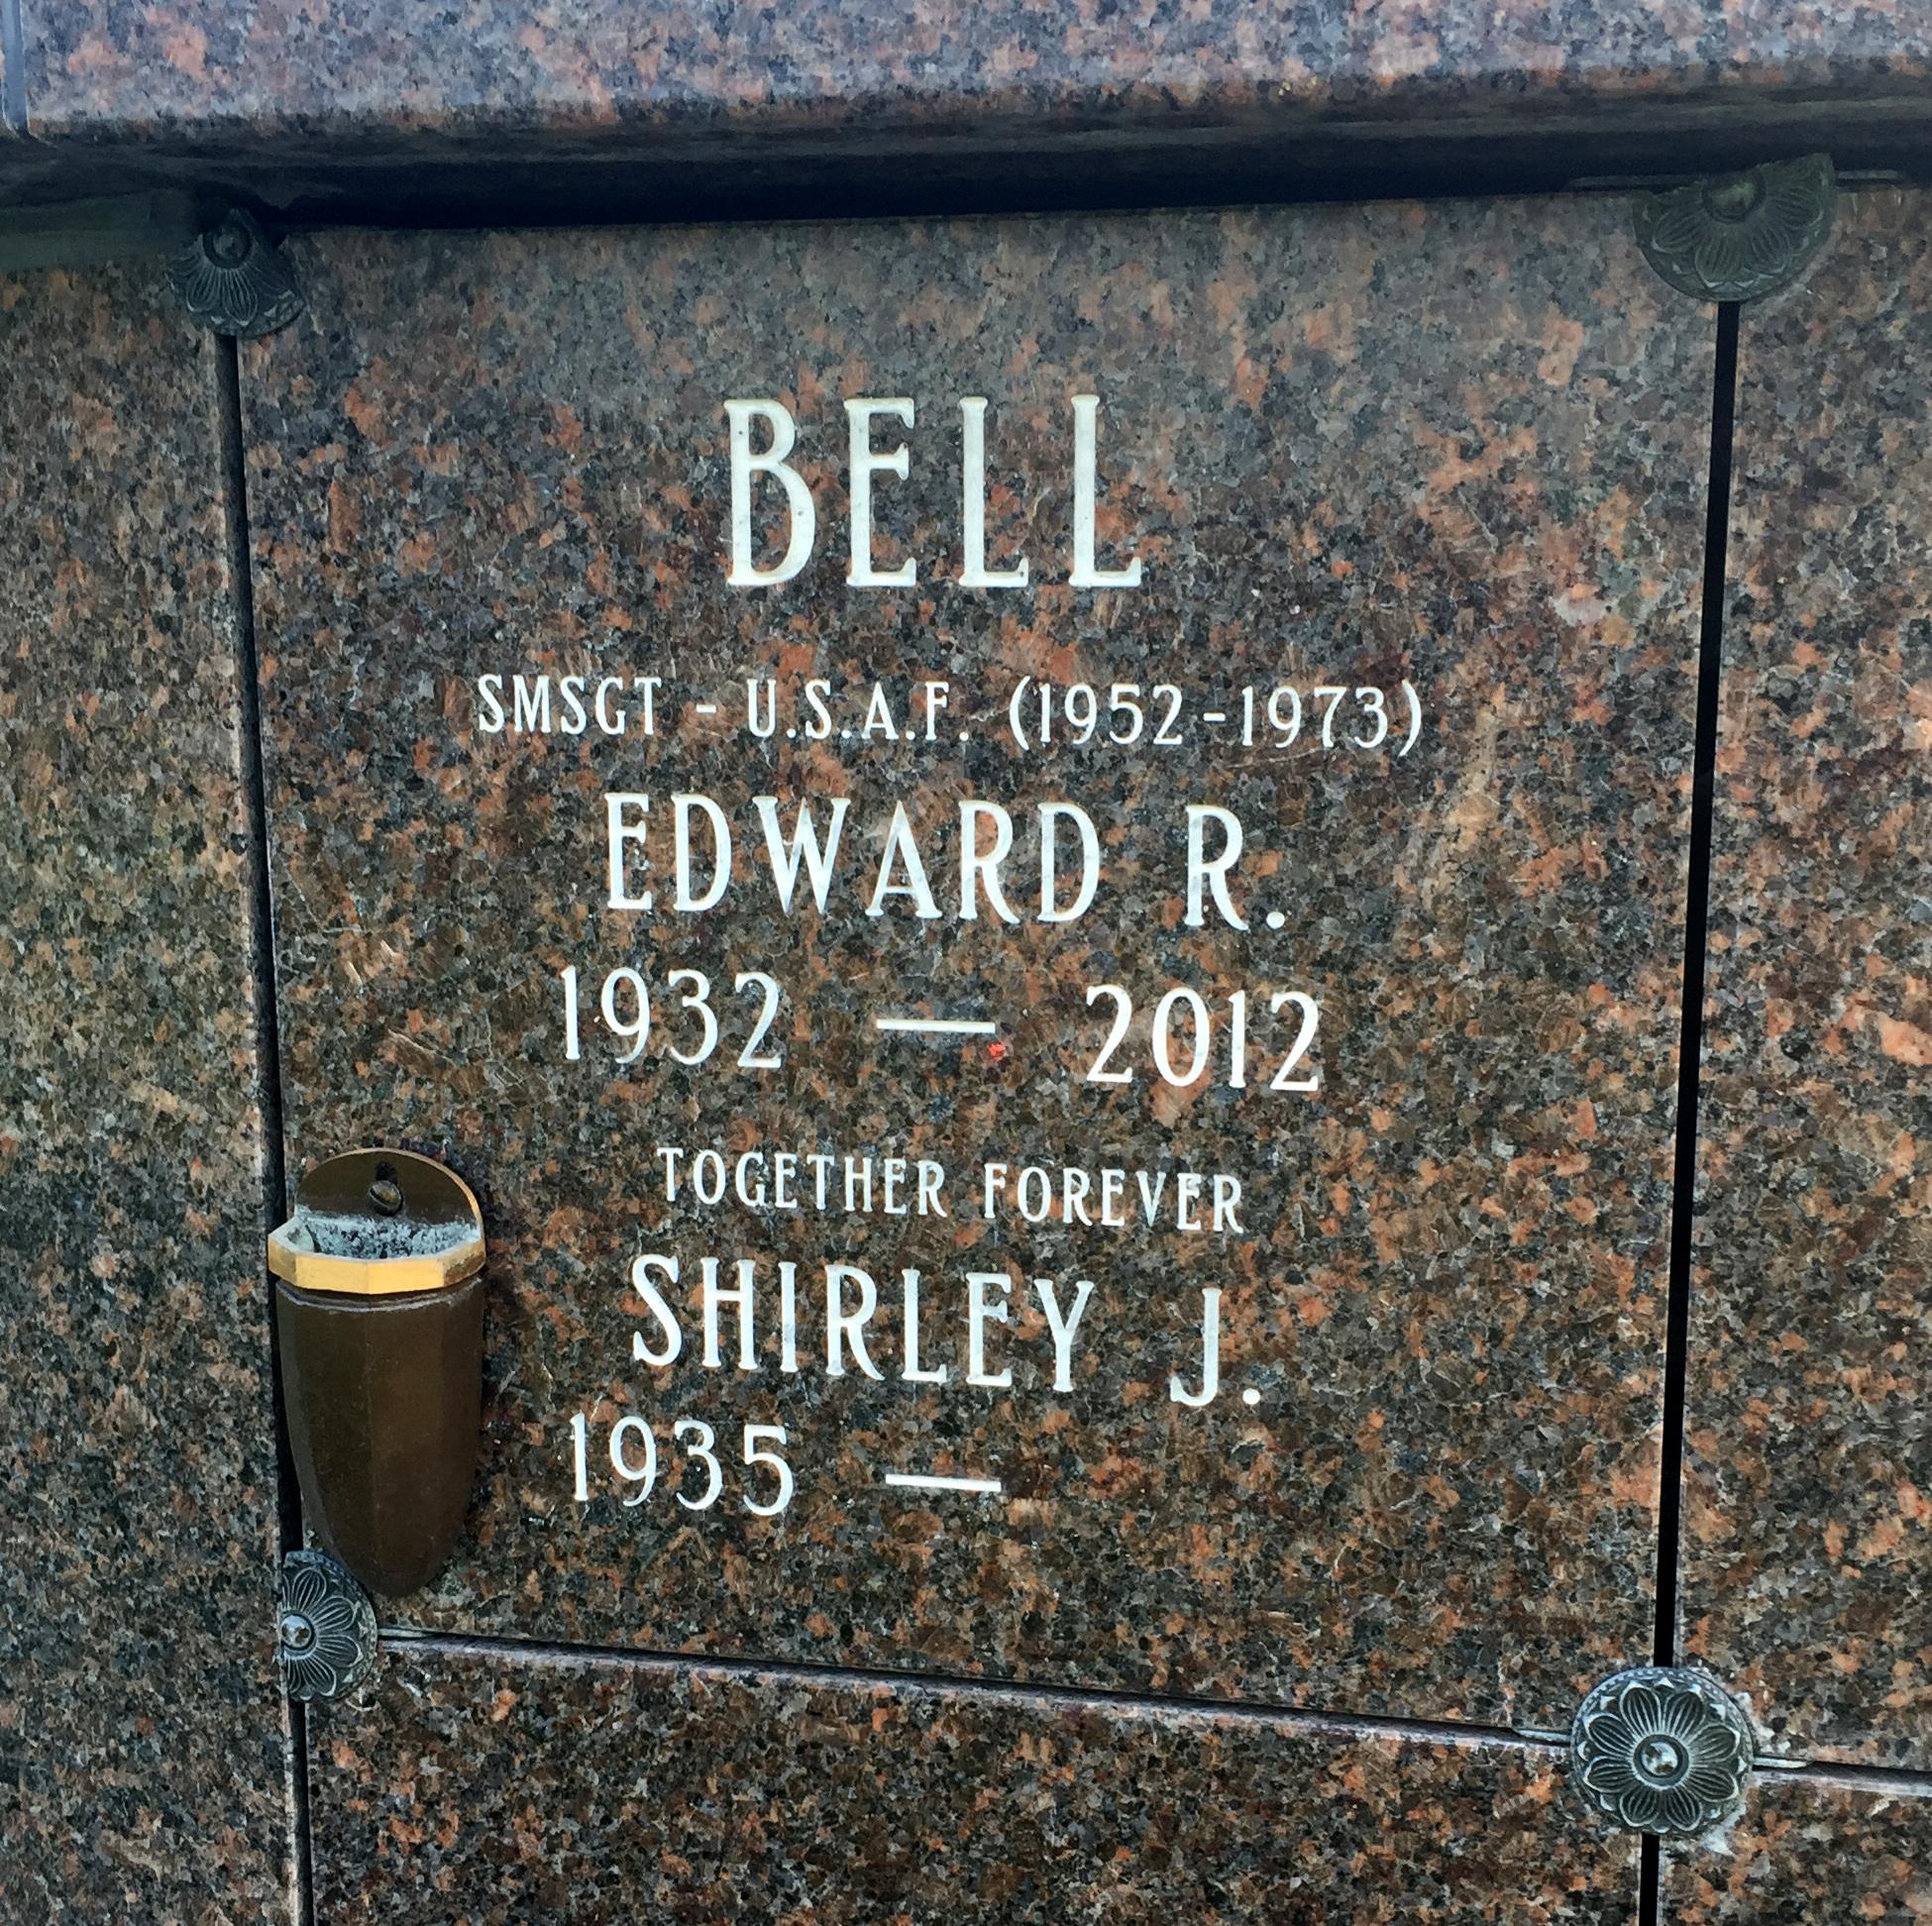 Edward R Bell